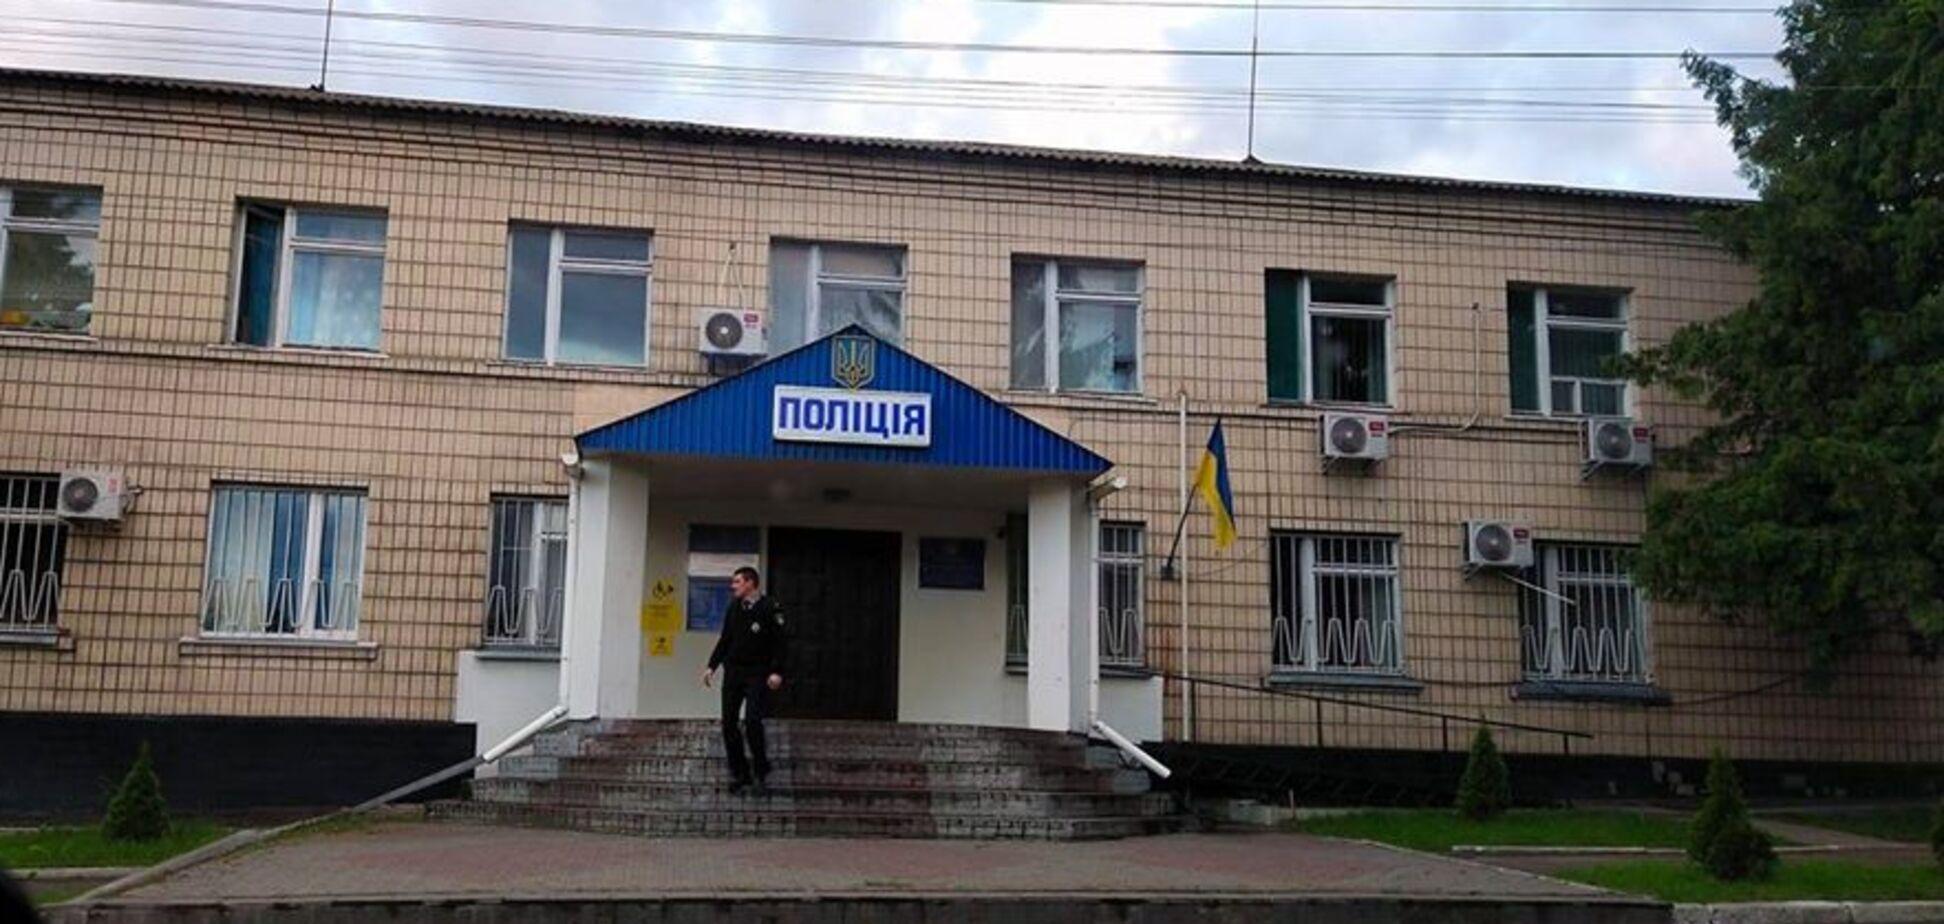 Адвокат пострадавшей от действий полиции в Кагарлыке заявил о вмешательстве политиков в дело